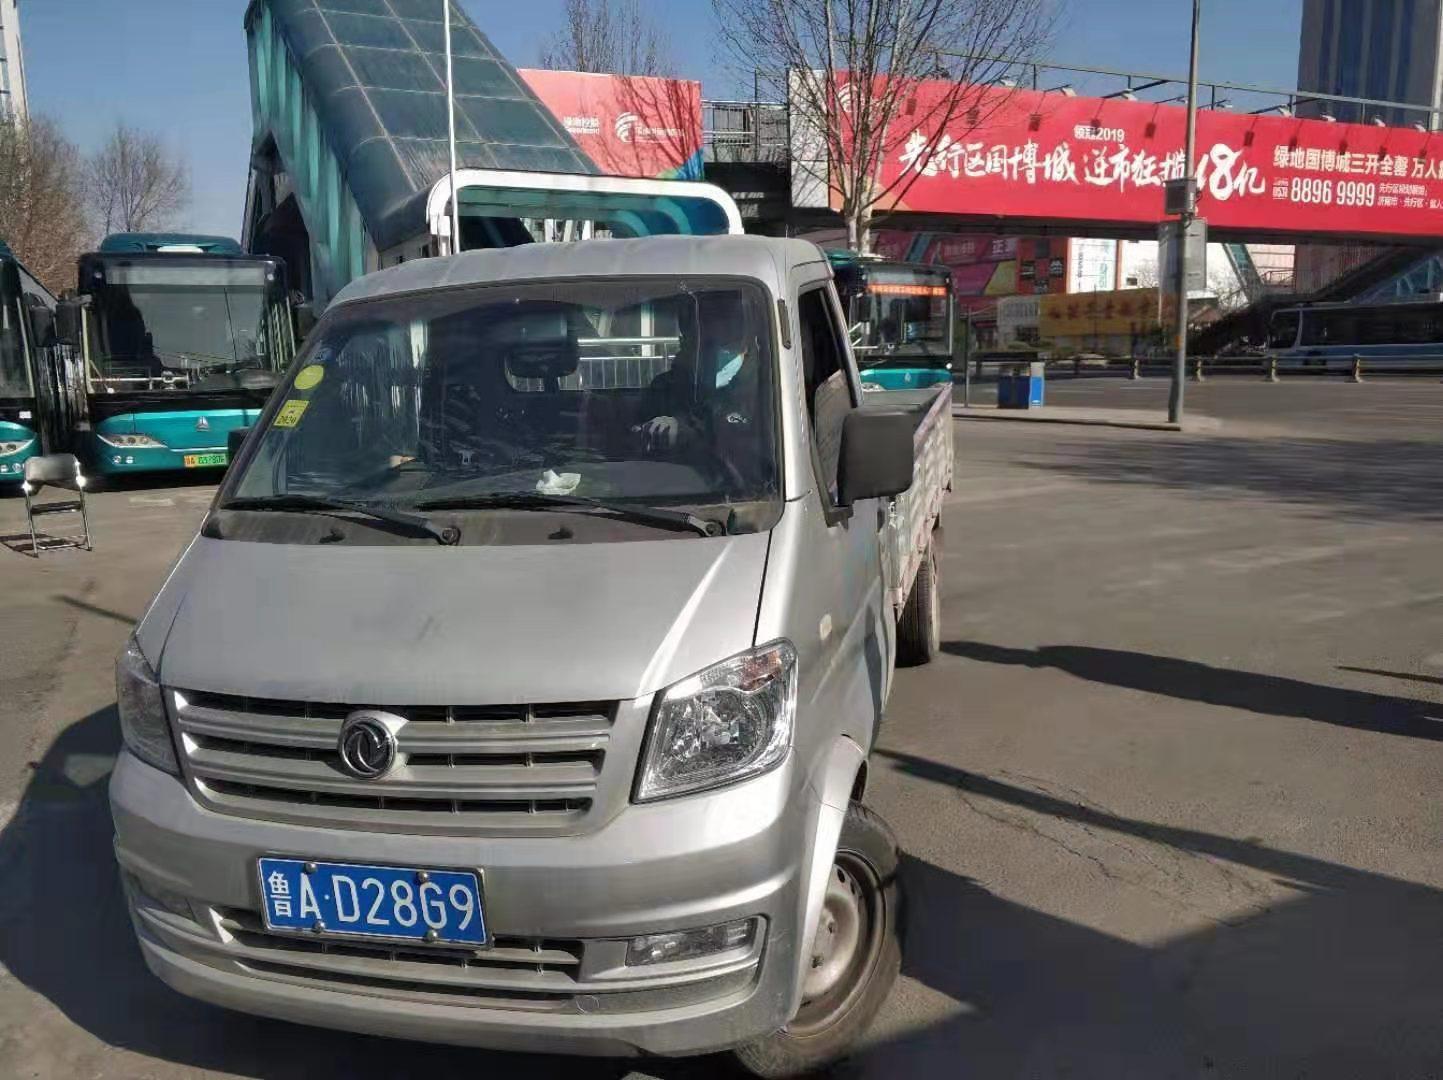 http://www.jinanjianbanzhewan.com/dushujiaoyu/34678.html